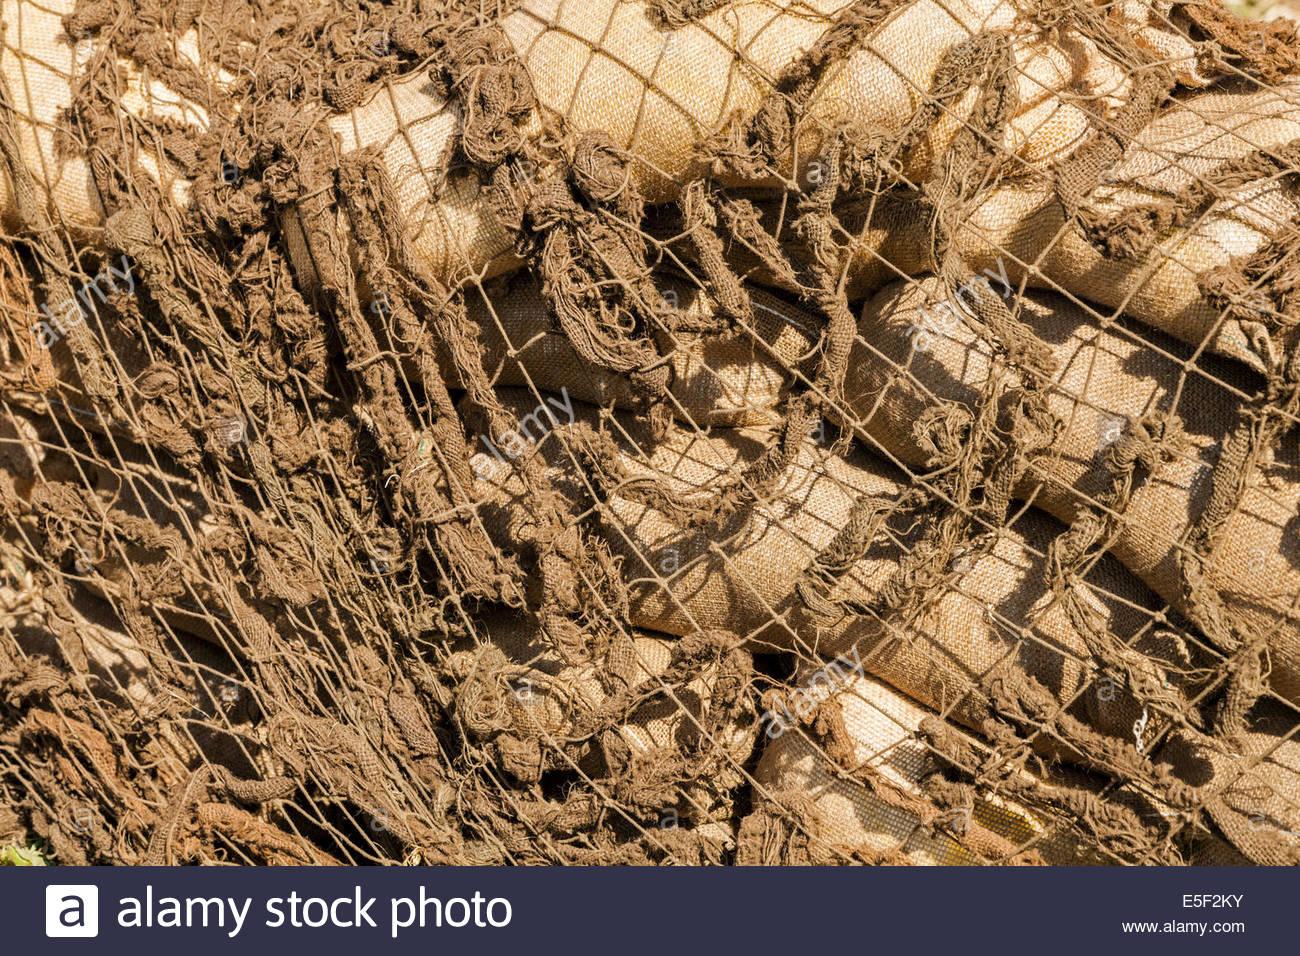 Khaki camouflage netting - Stock Image